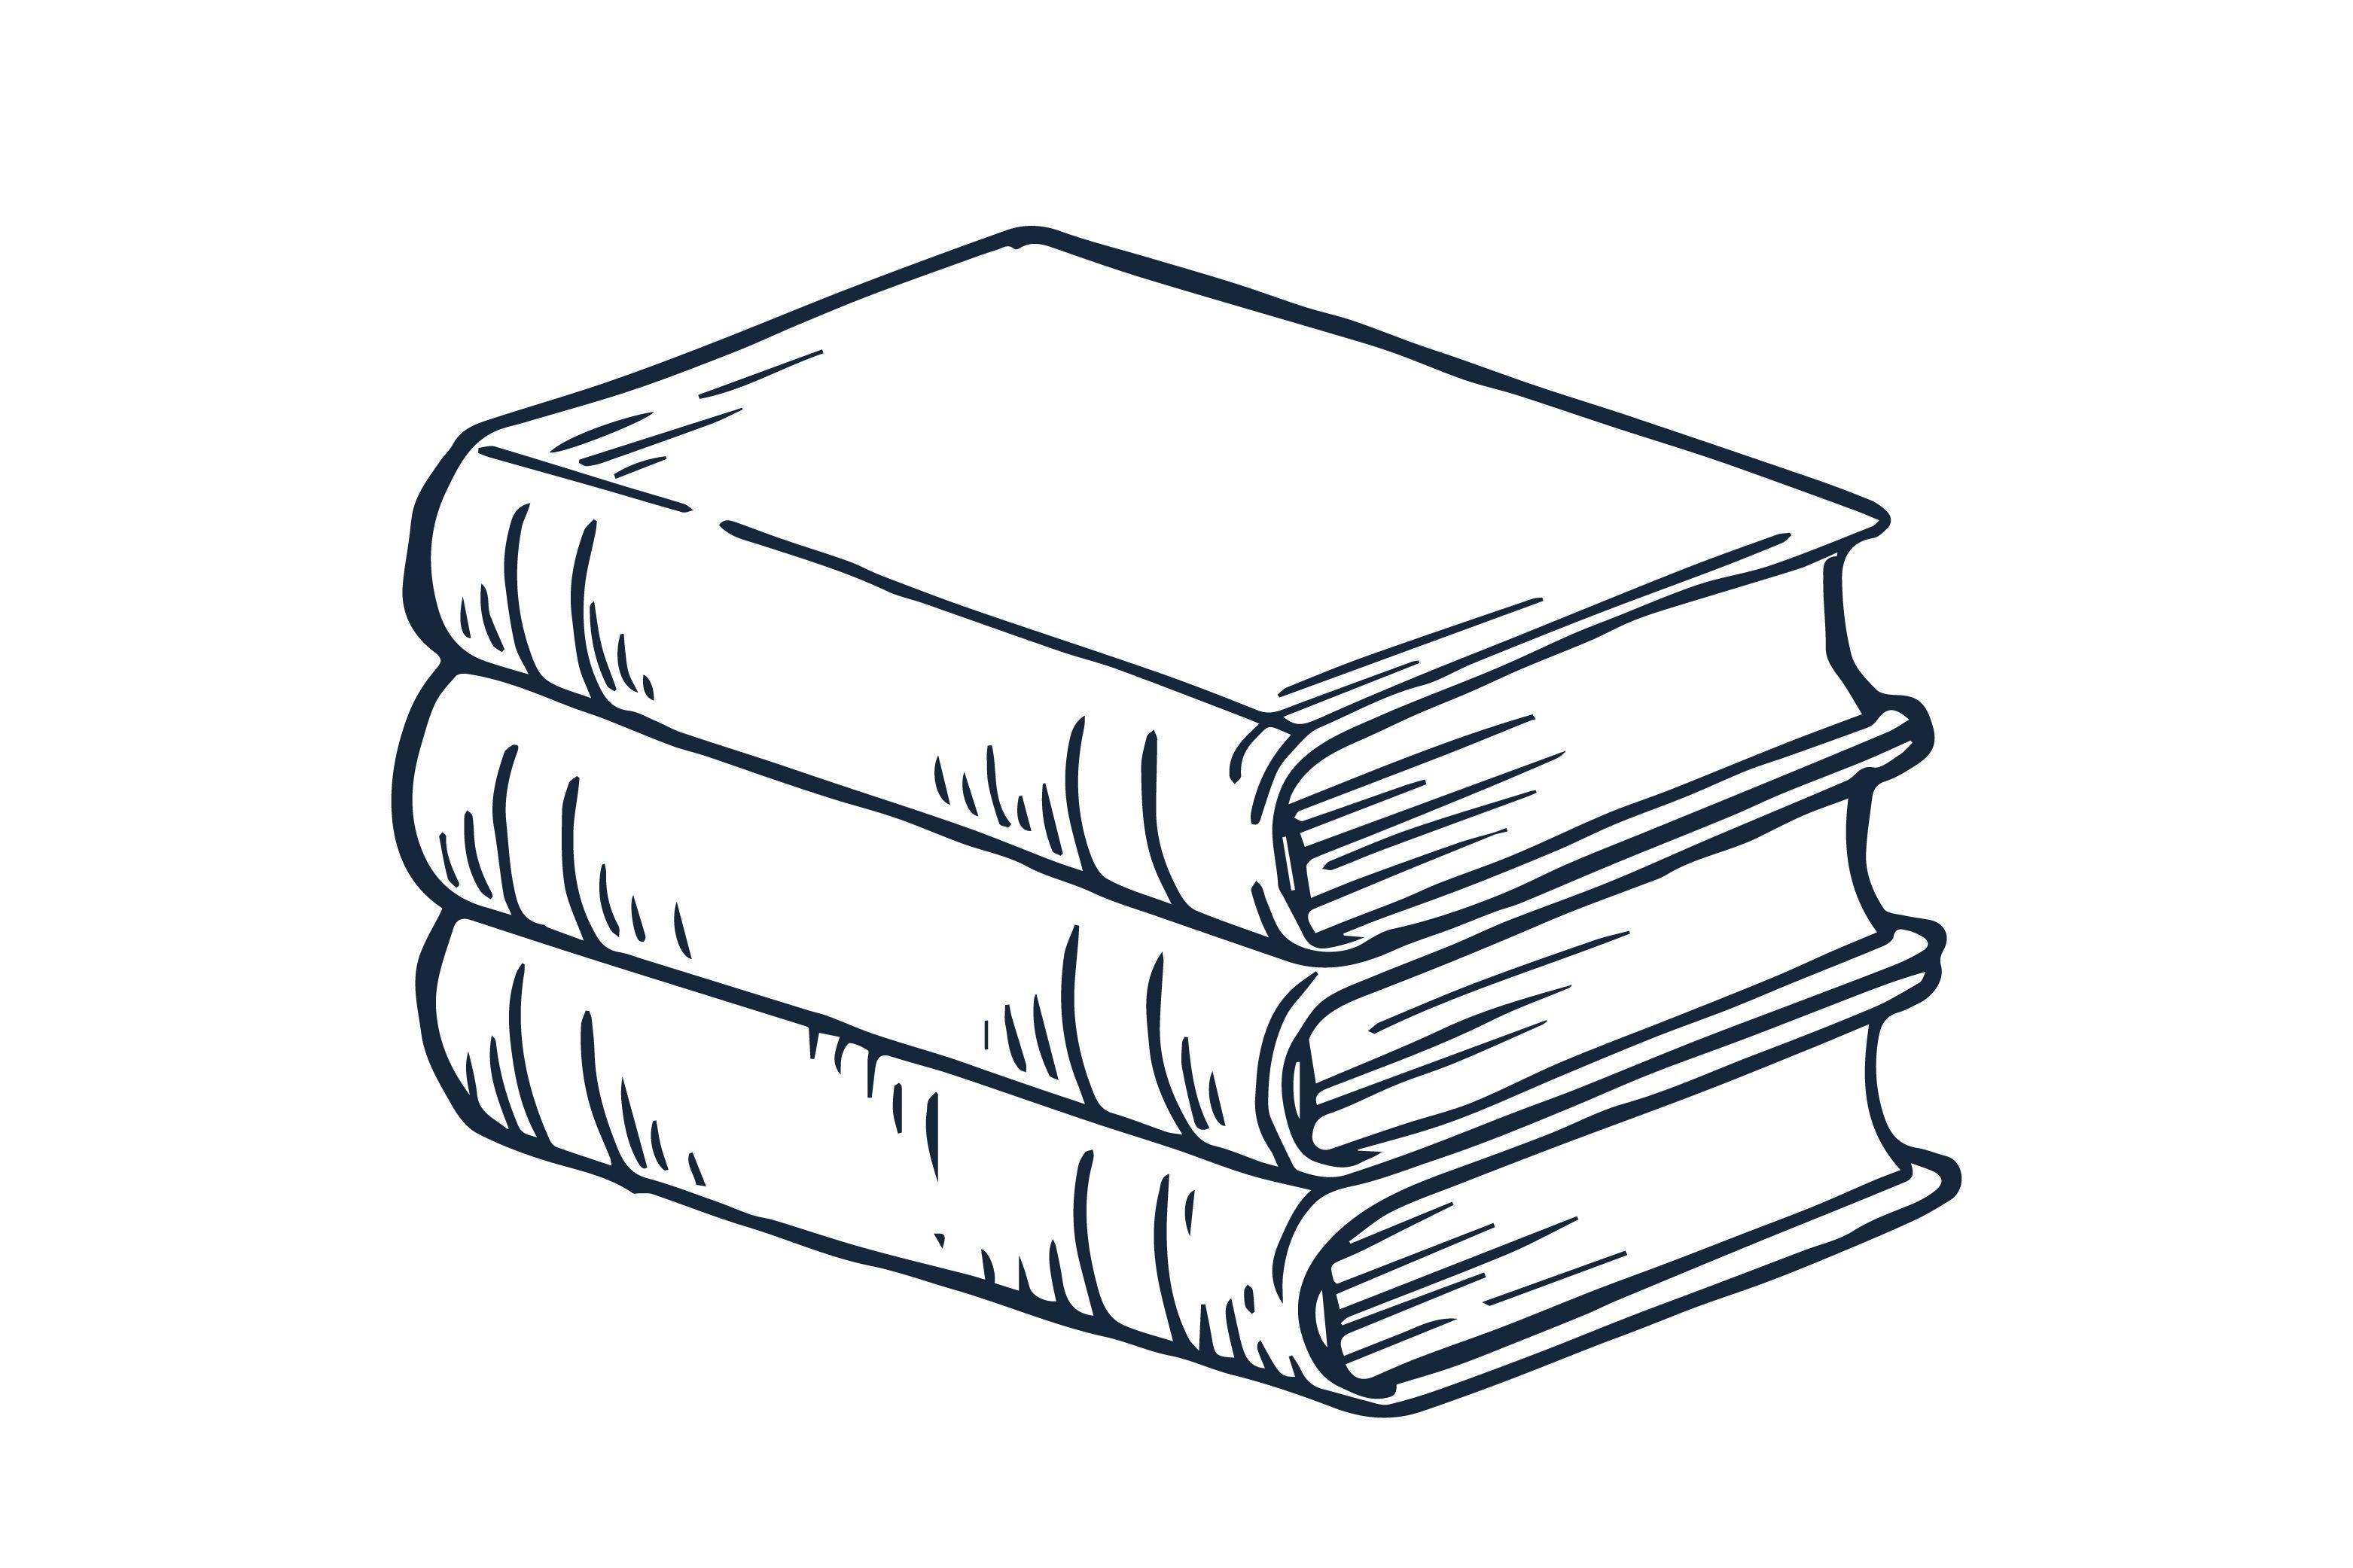 Ilustração em linha arte pilha de livros